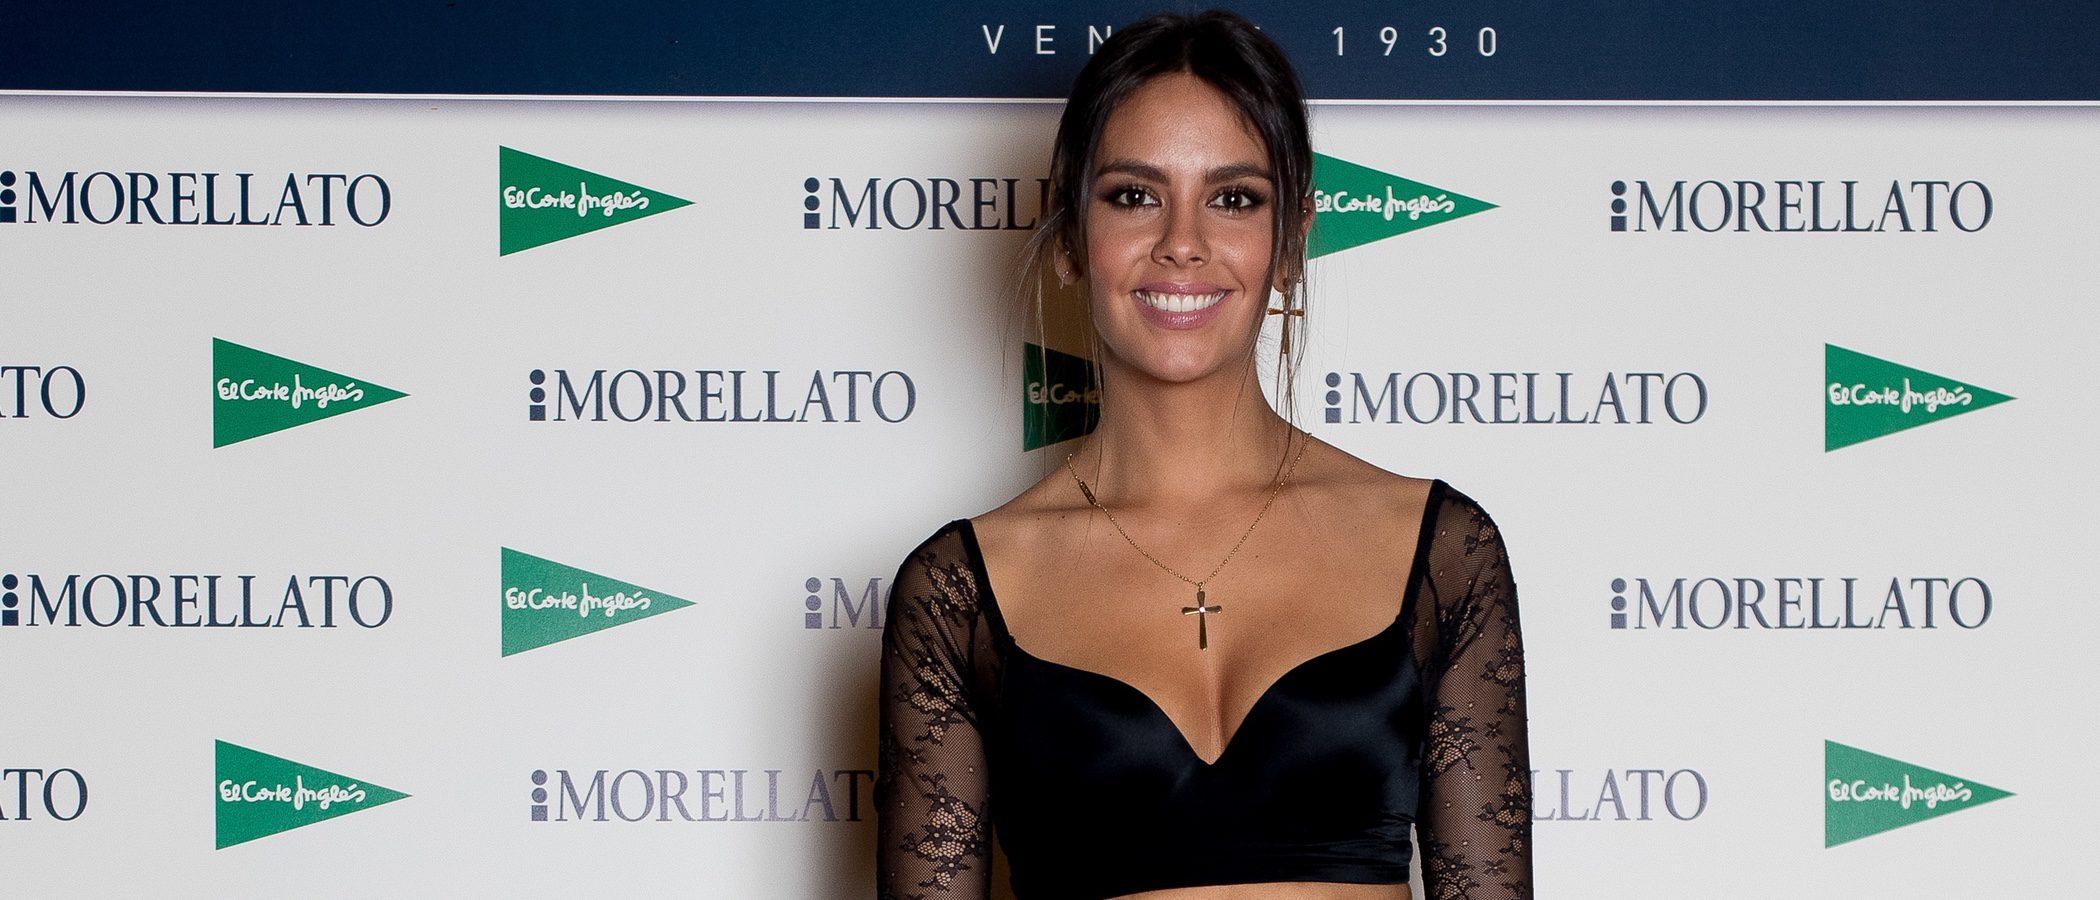 Las joyas de Cristina Pedroche: así es la colección que Morellato ha creado en base a su personalidad